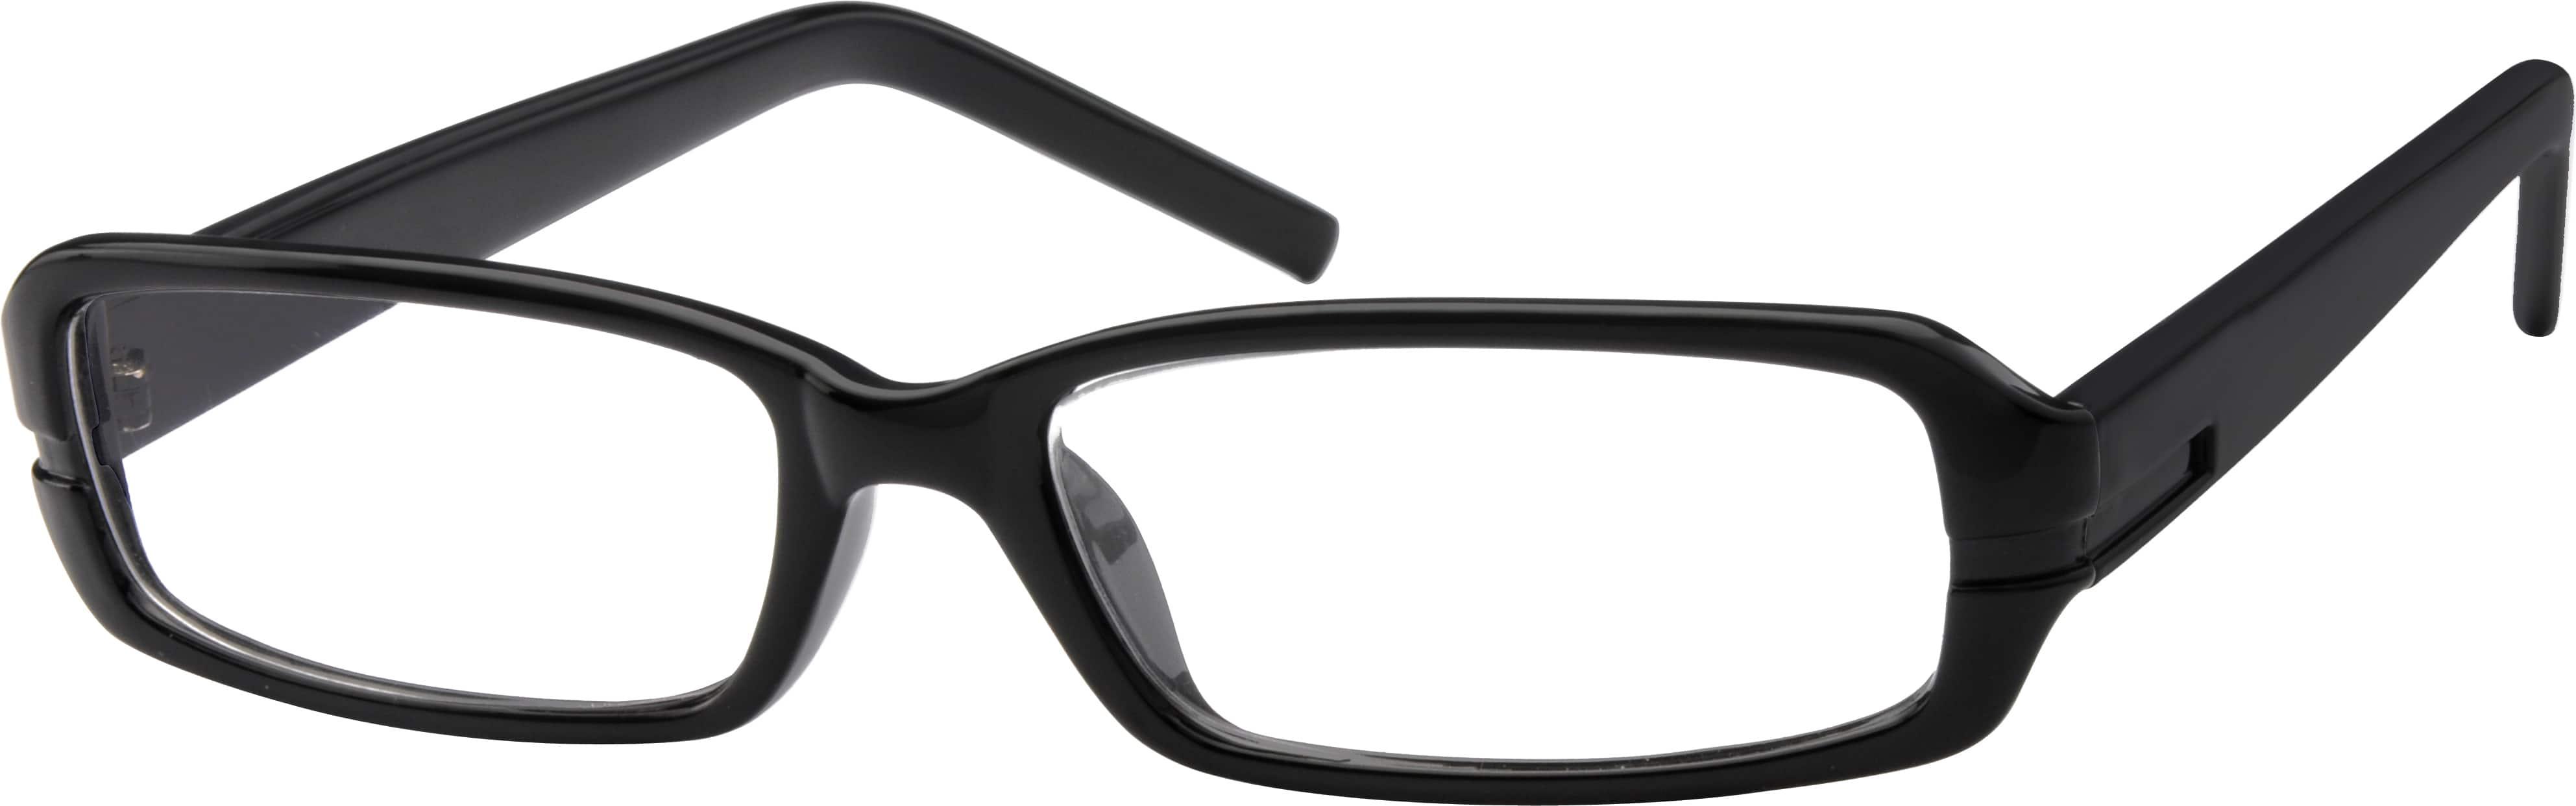 UnisexFull RimAcetate/PlasticEyeglasses #220830